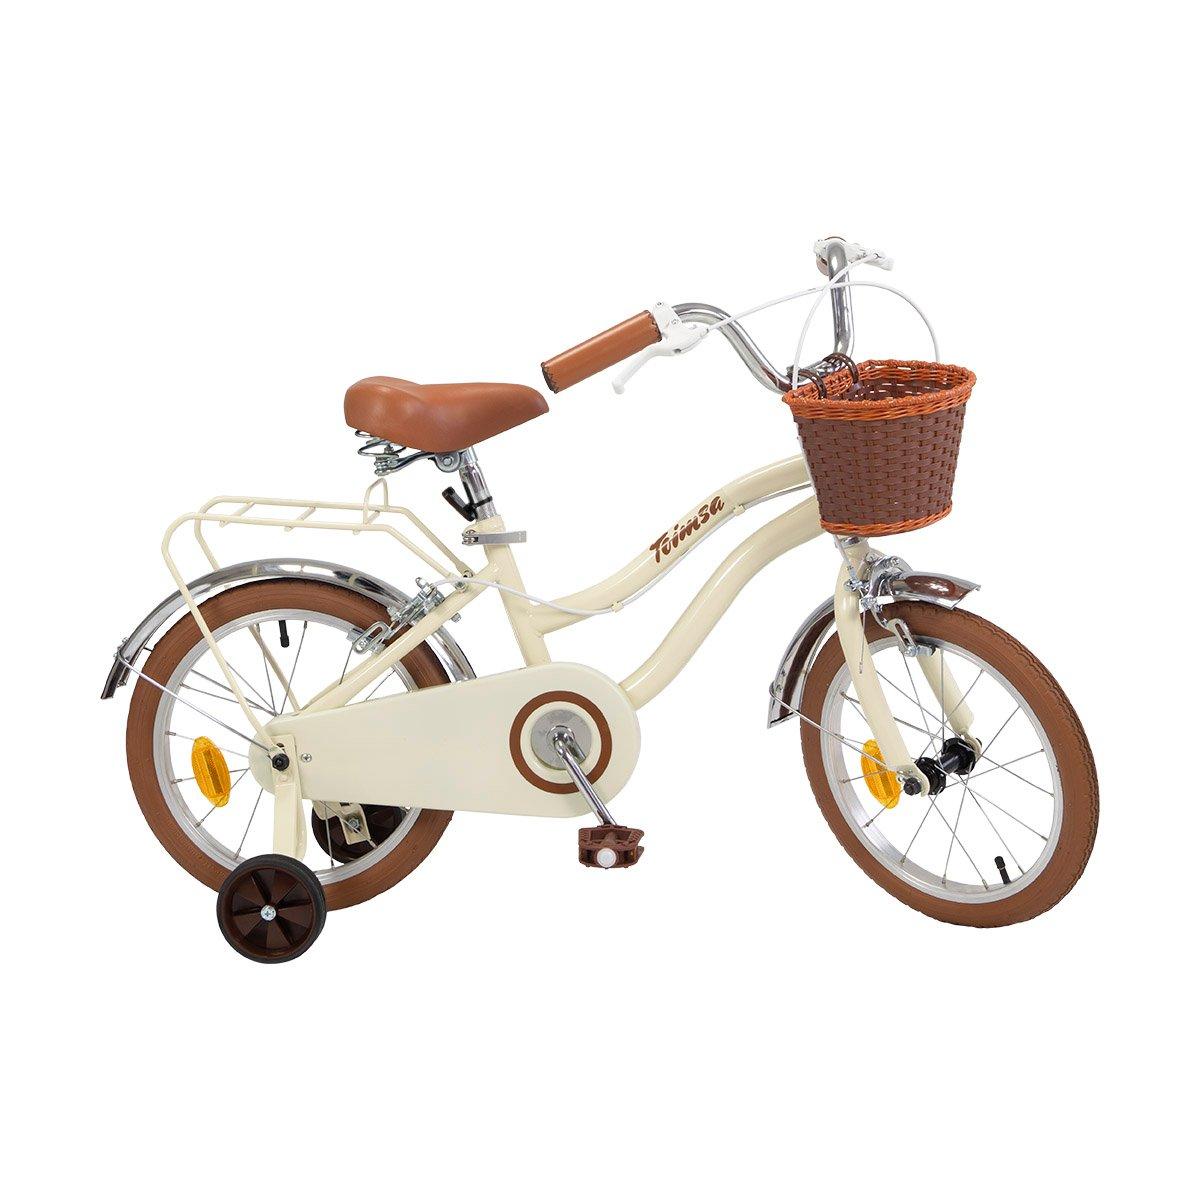 Bicicleta copii Toimsa Vintage Beige, 16 inch